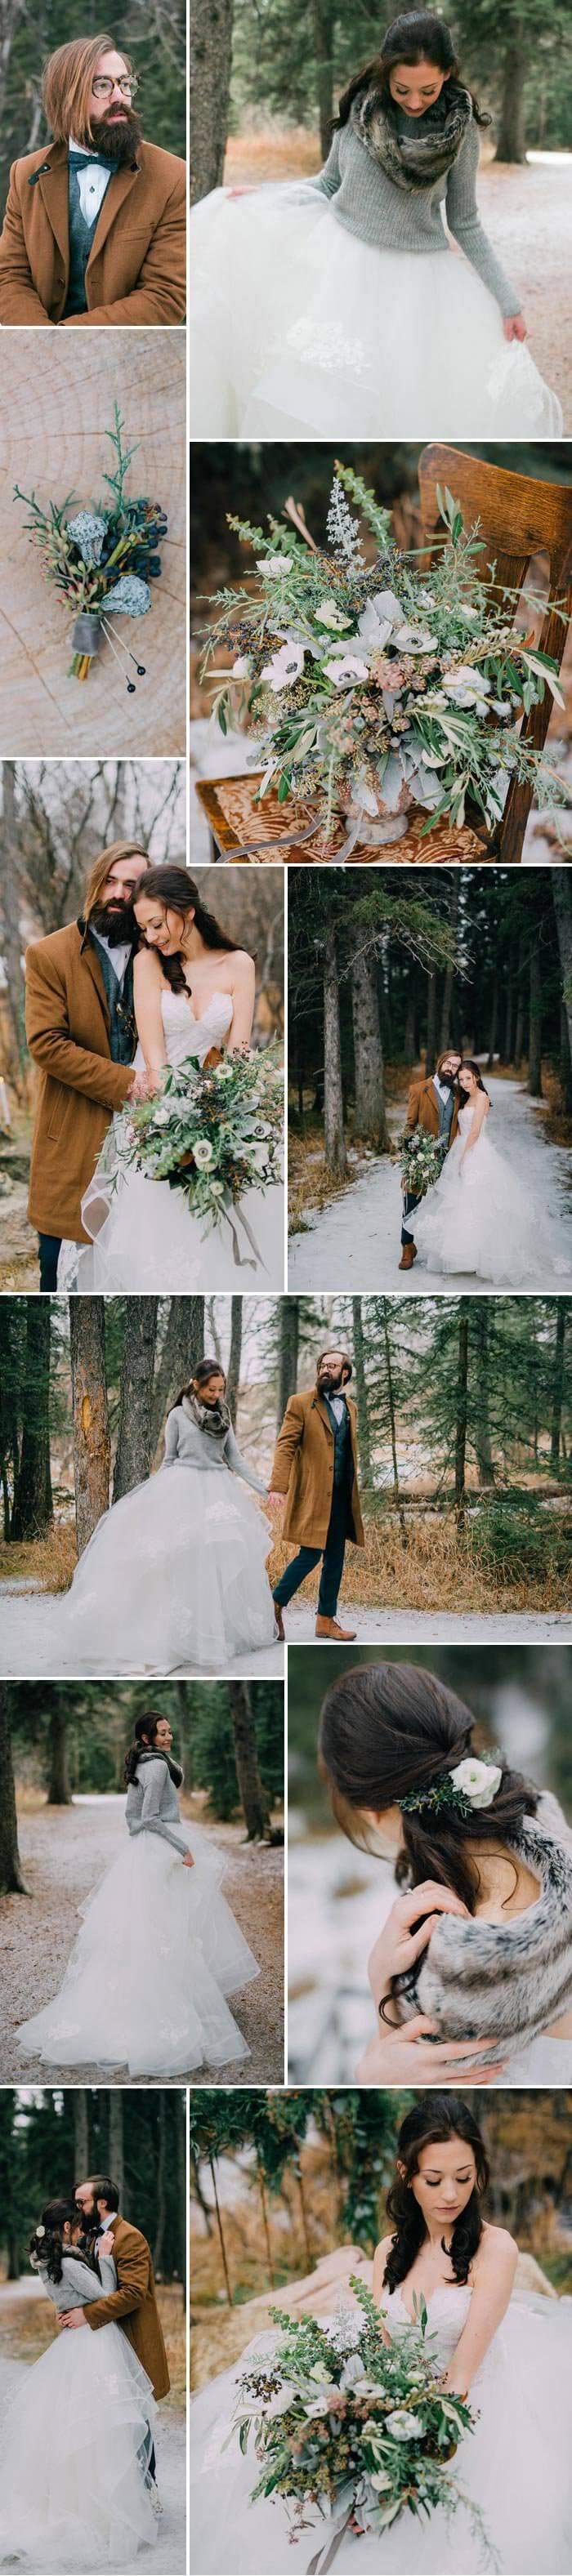 Heiraten im Wald